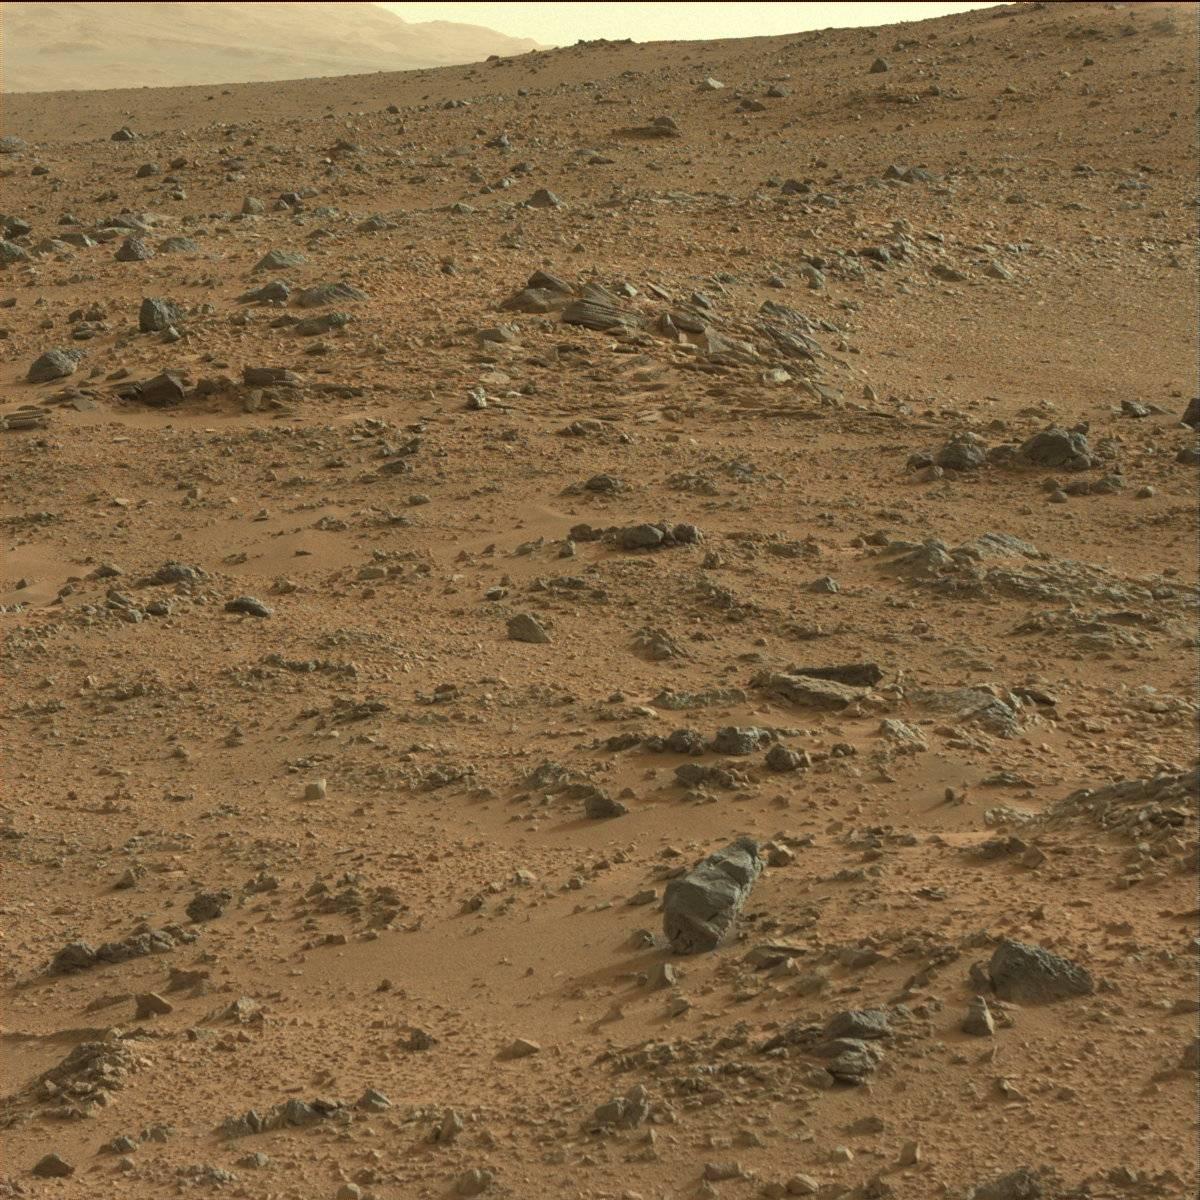 nasa images of mars - photo #14